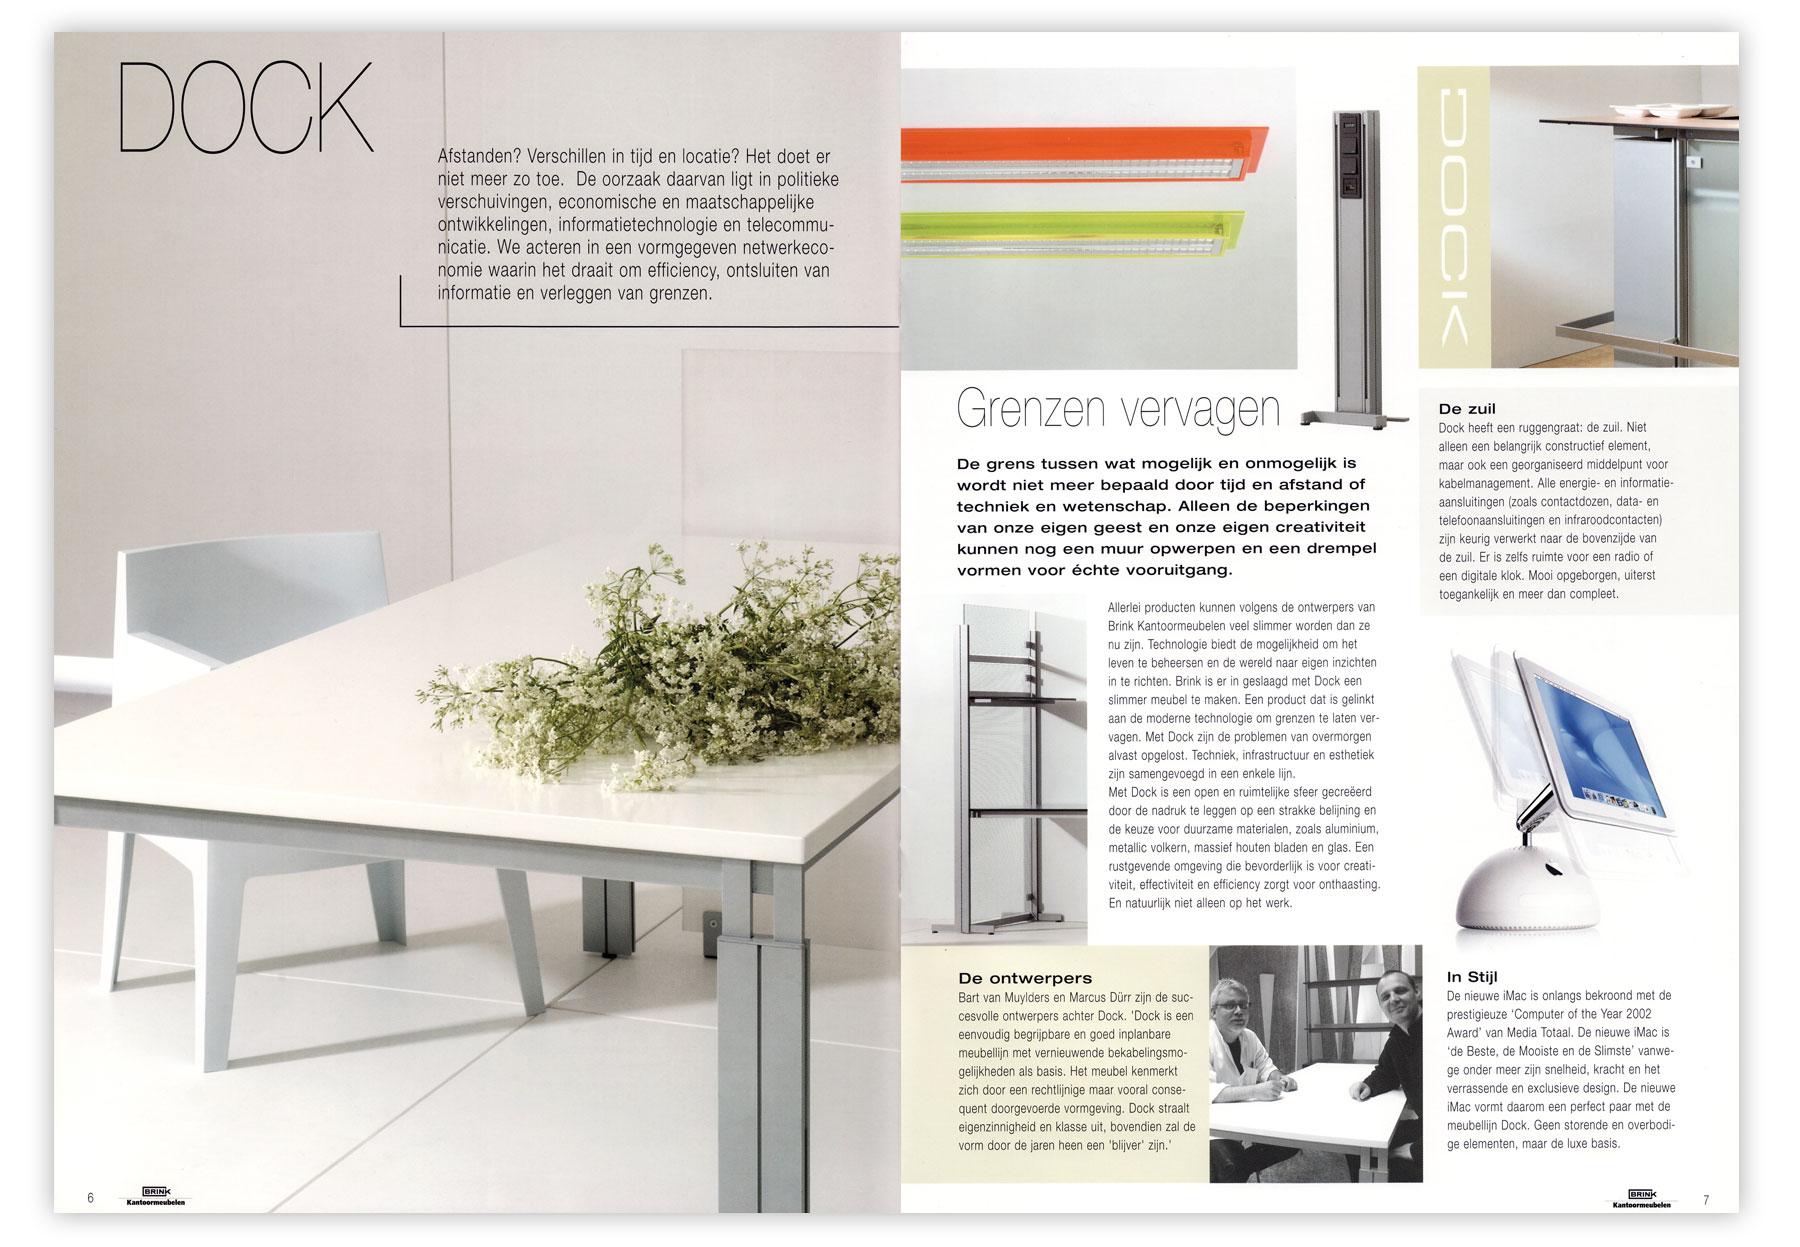 Brink-magazine04.jpg